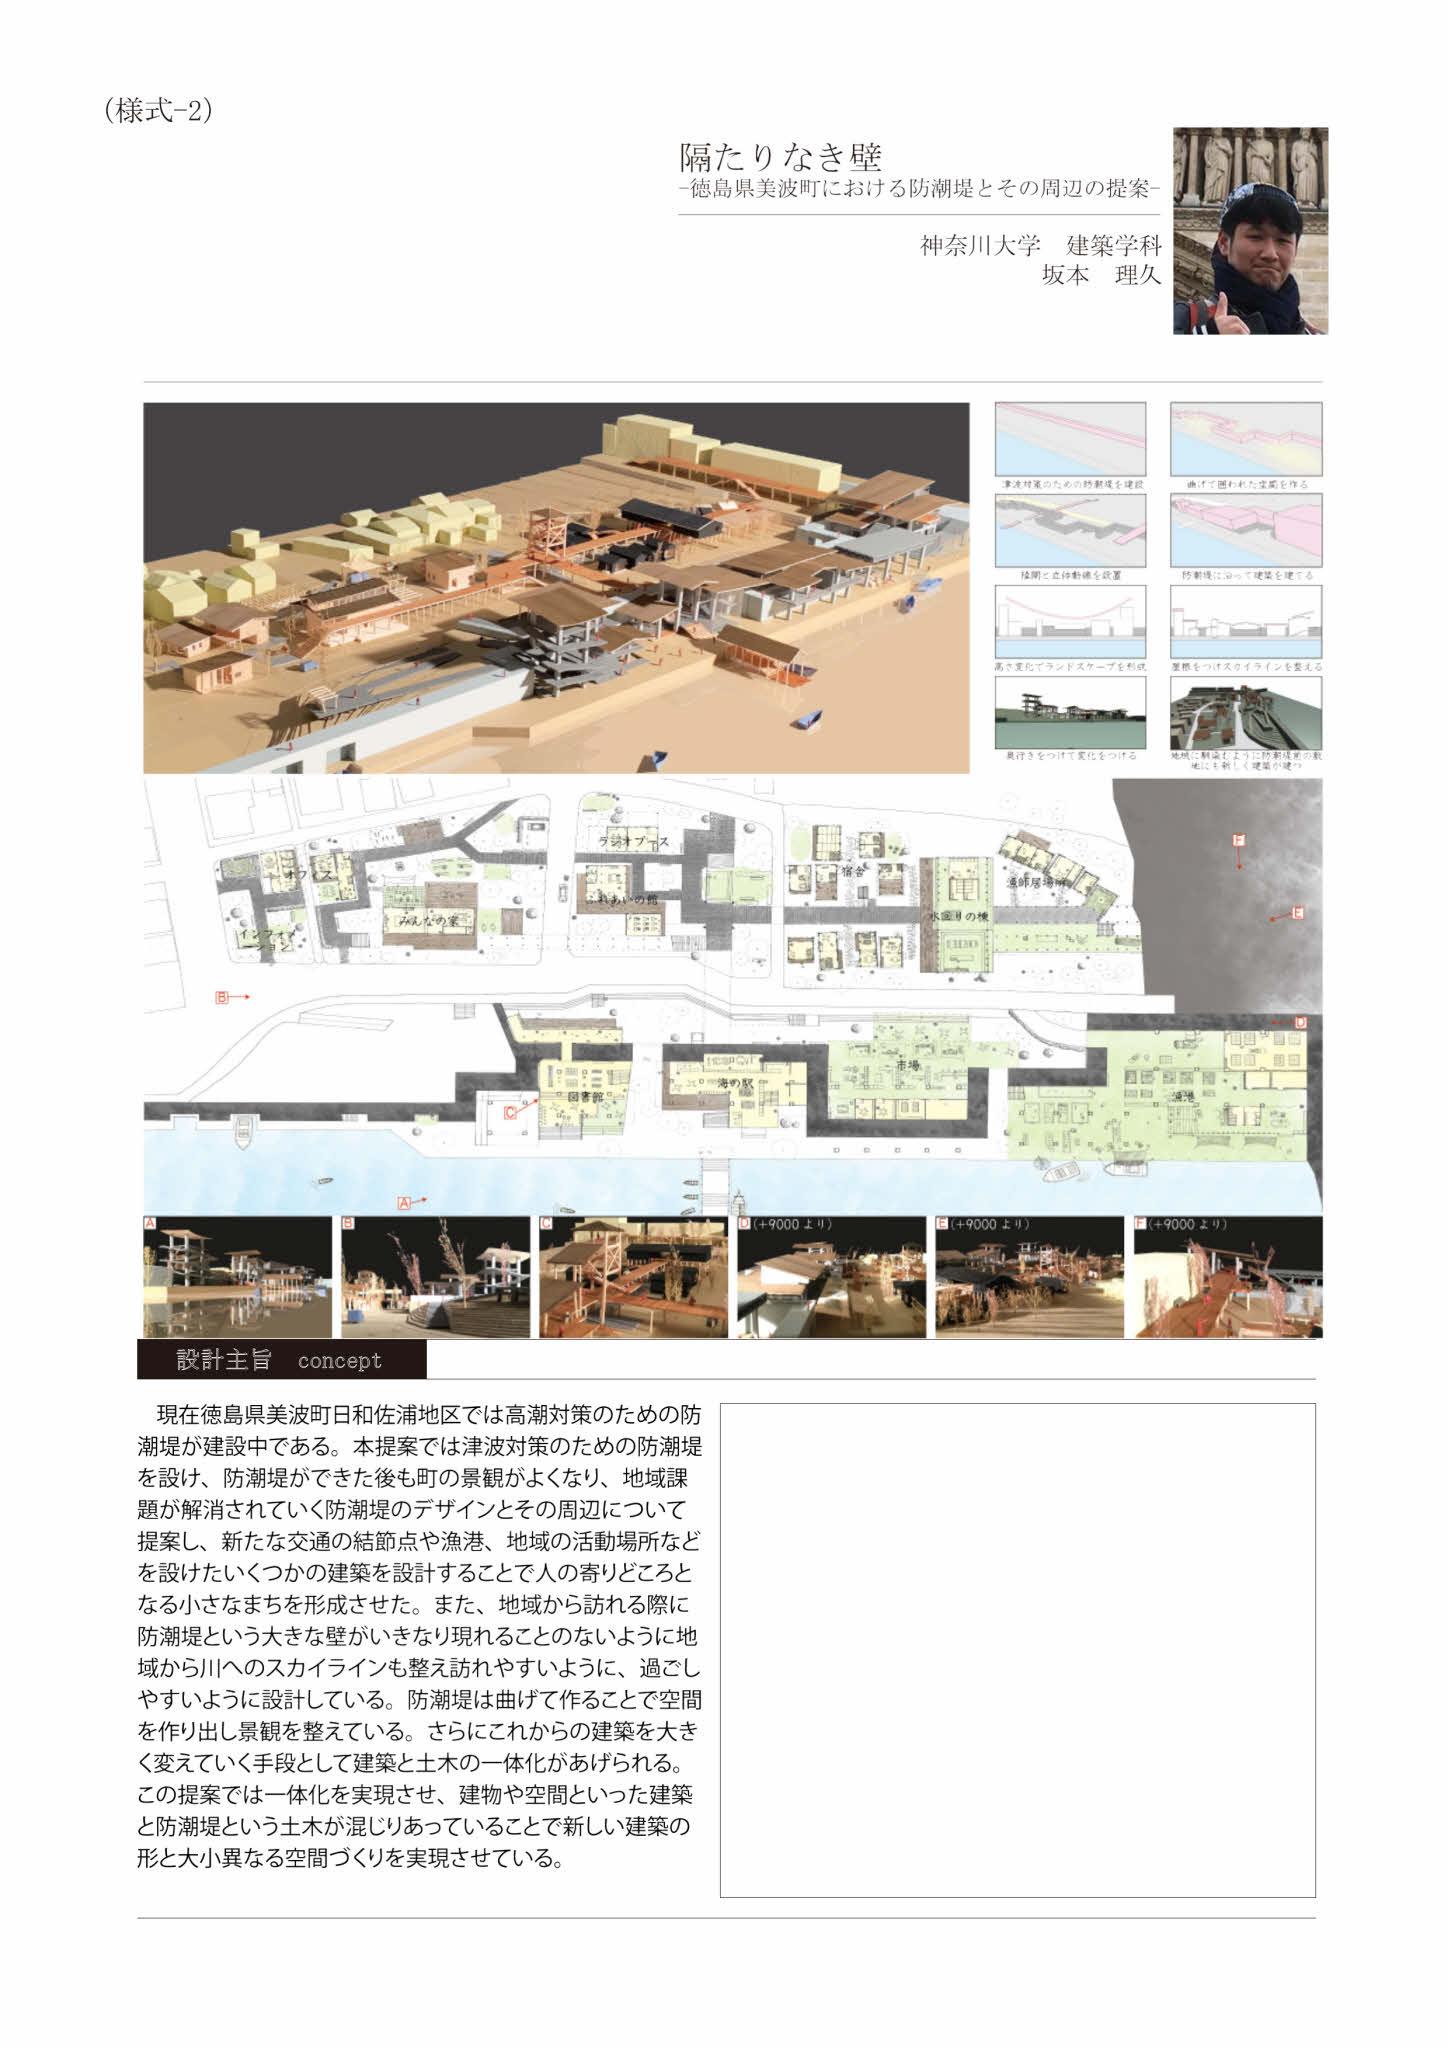 神奈川7大学 卒業設計コンクール 2019年度 受賞作発表